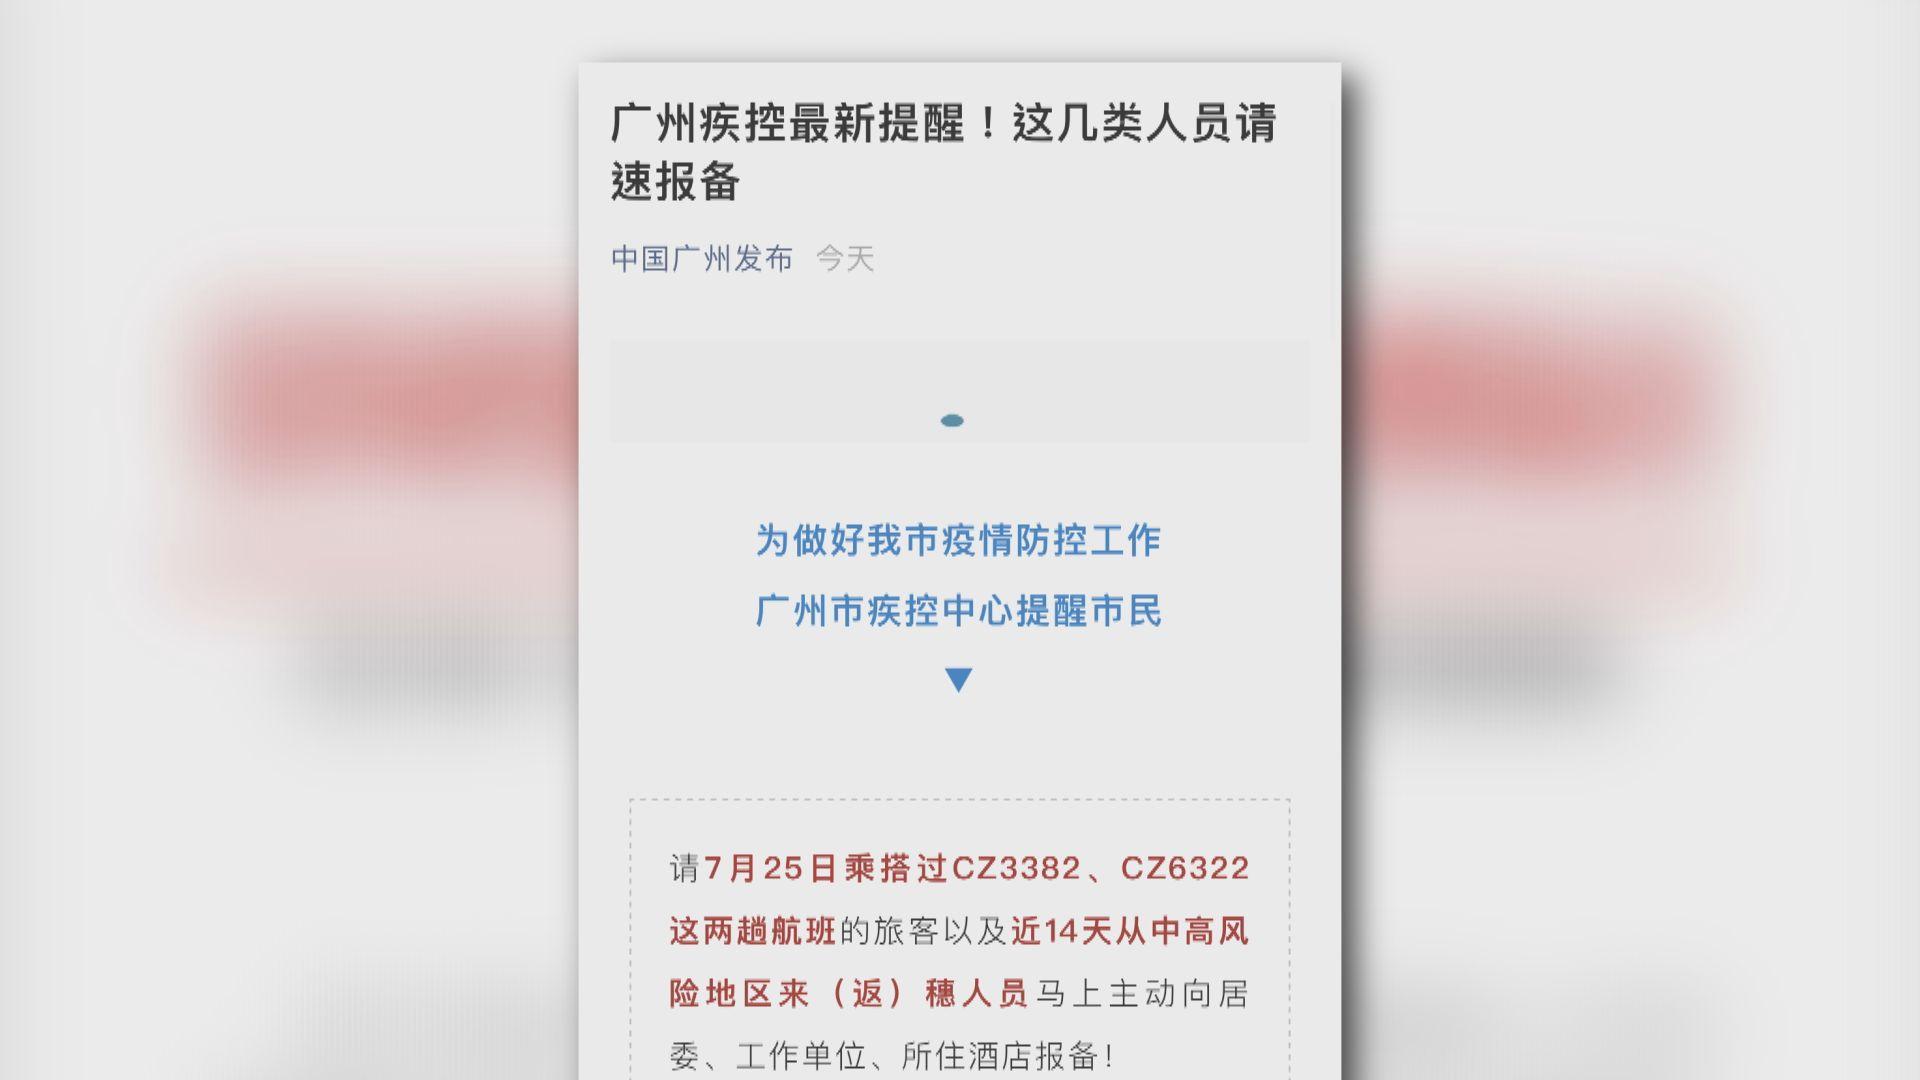 多個省市確診者曾到張家界旅遊 廣州要求主動報備